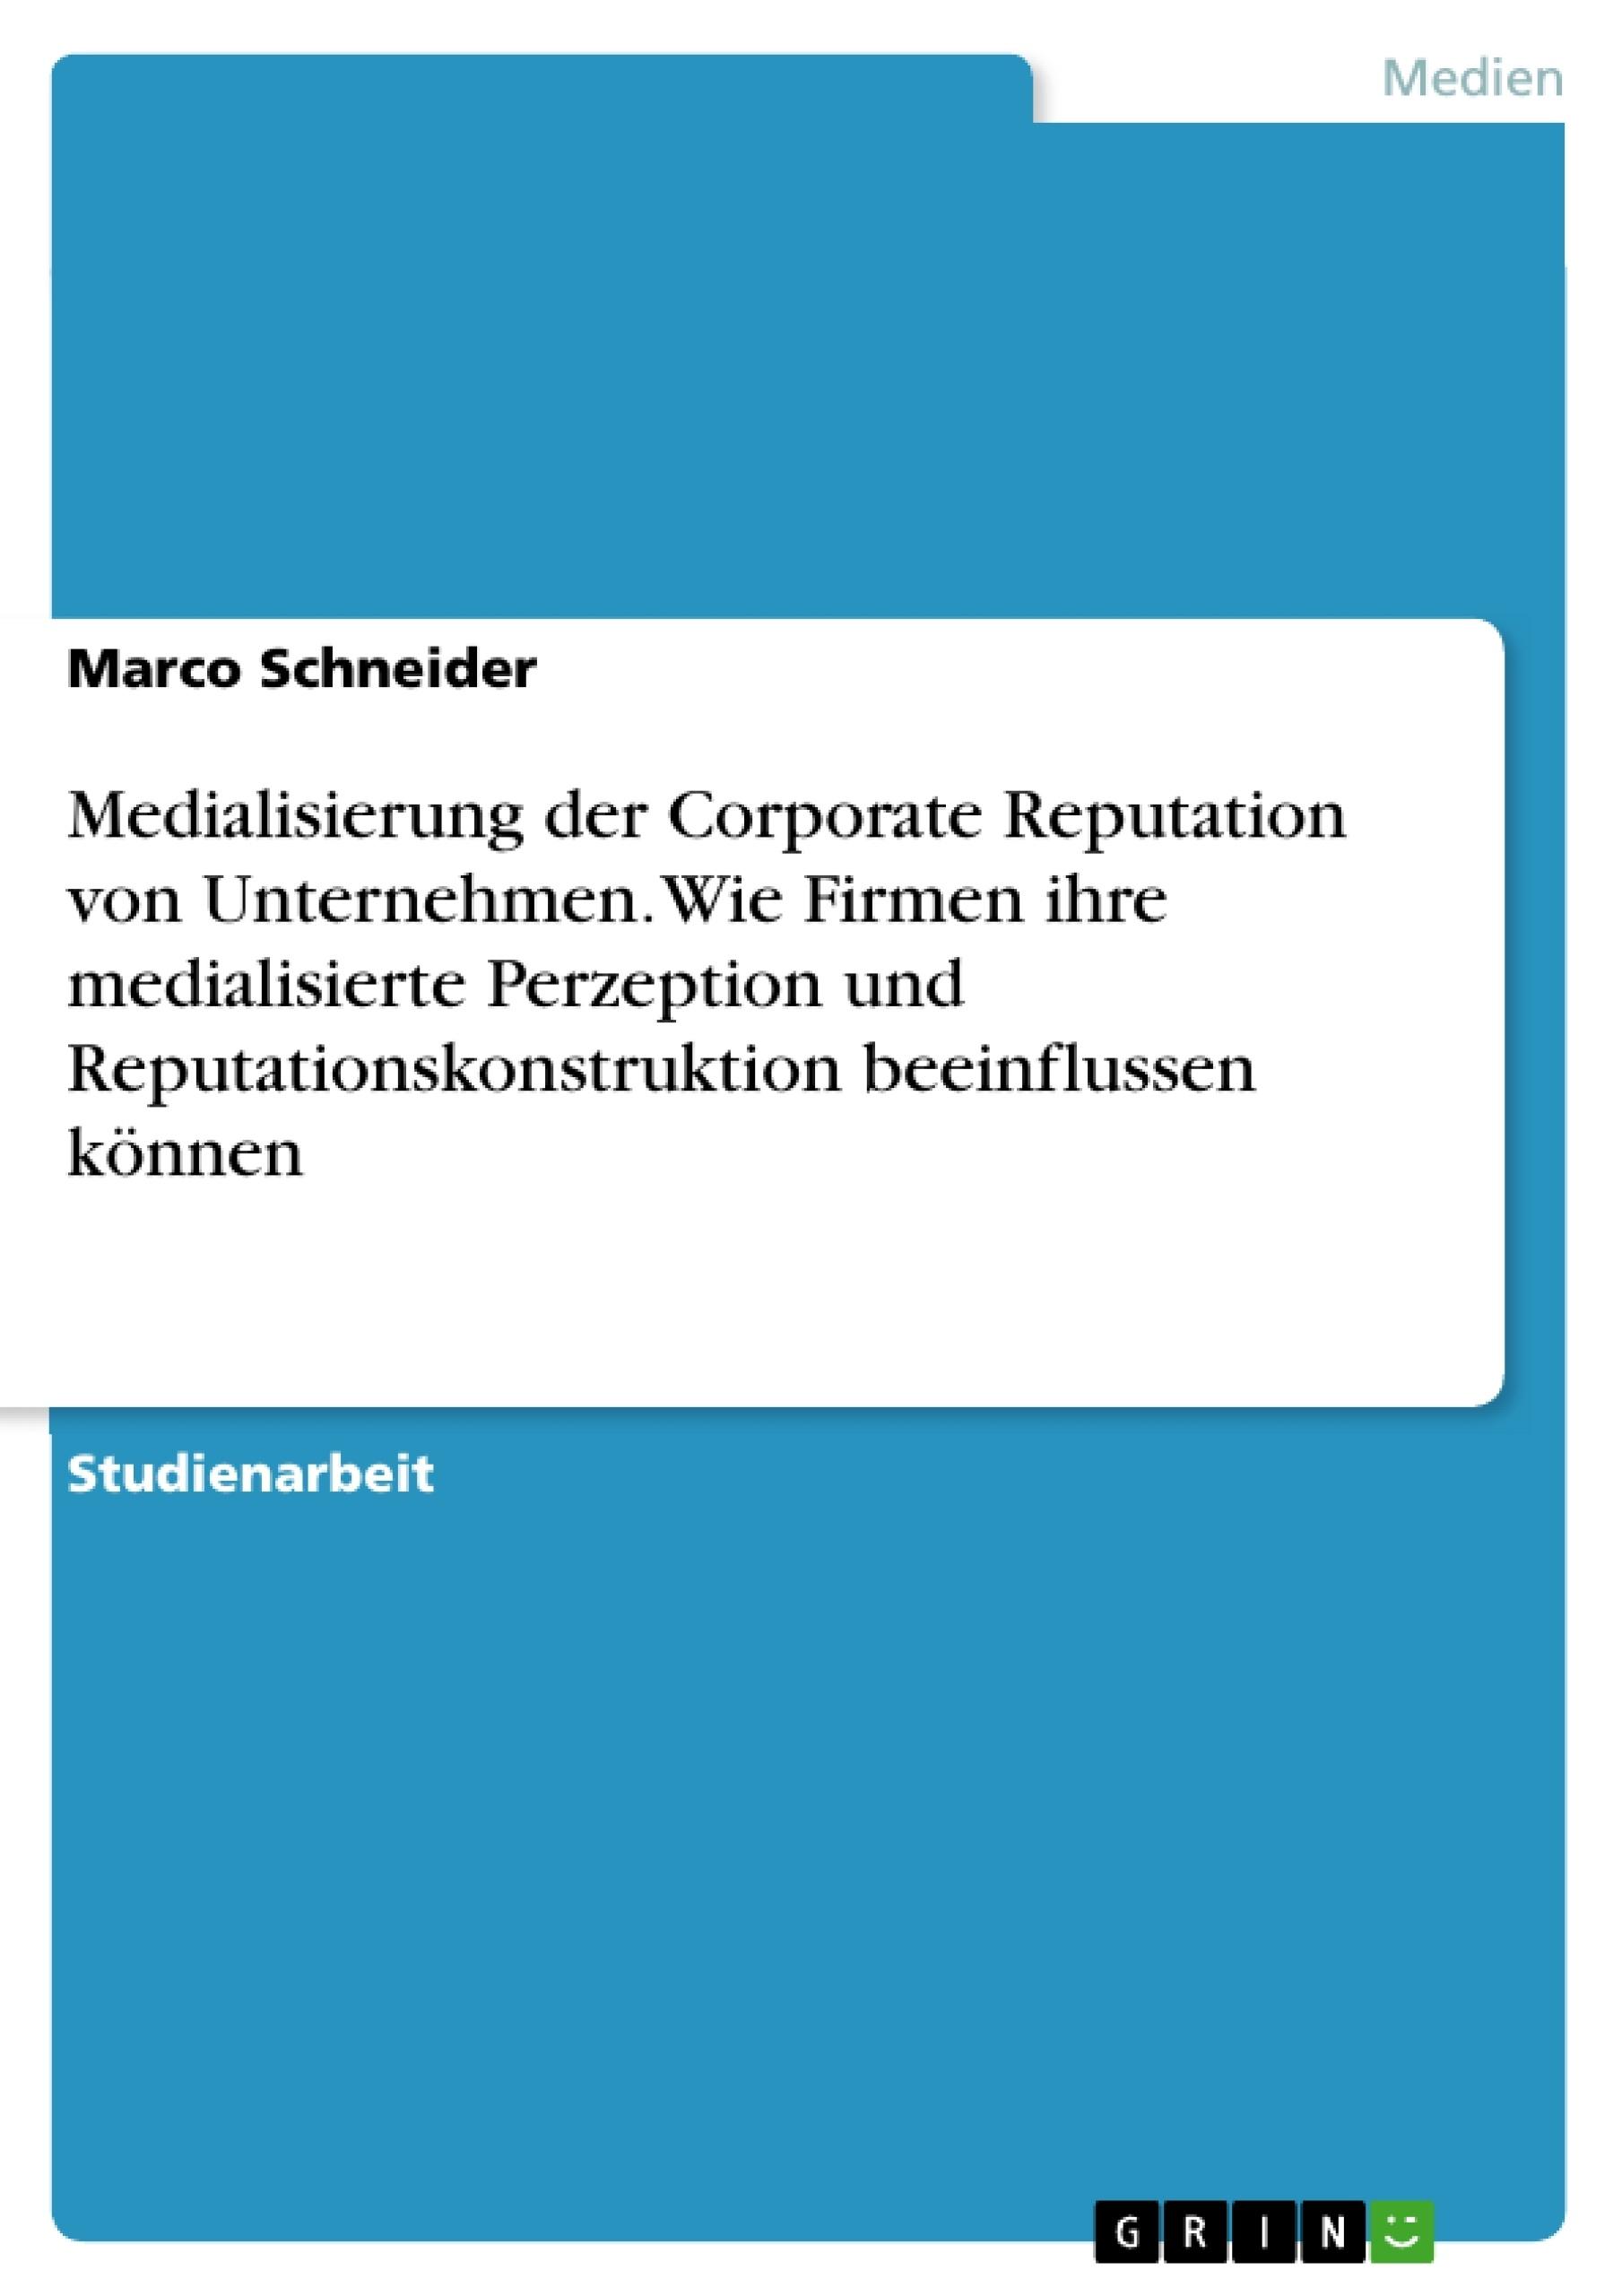 Titel: Medialisierung der Corporate Reputation von Unternehmen. Wie Firmen ihre medialisierte Perzeption und Reputationskonstruktion beeinflussen können